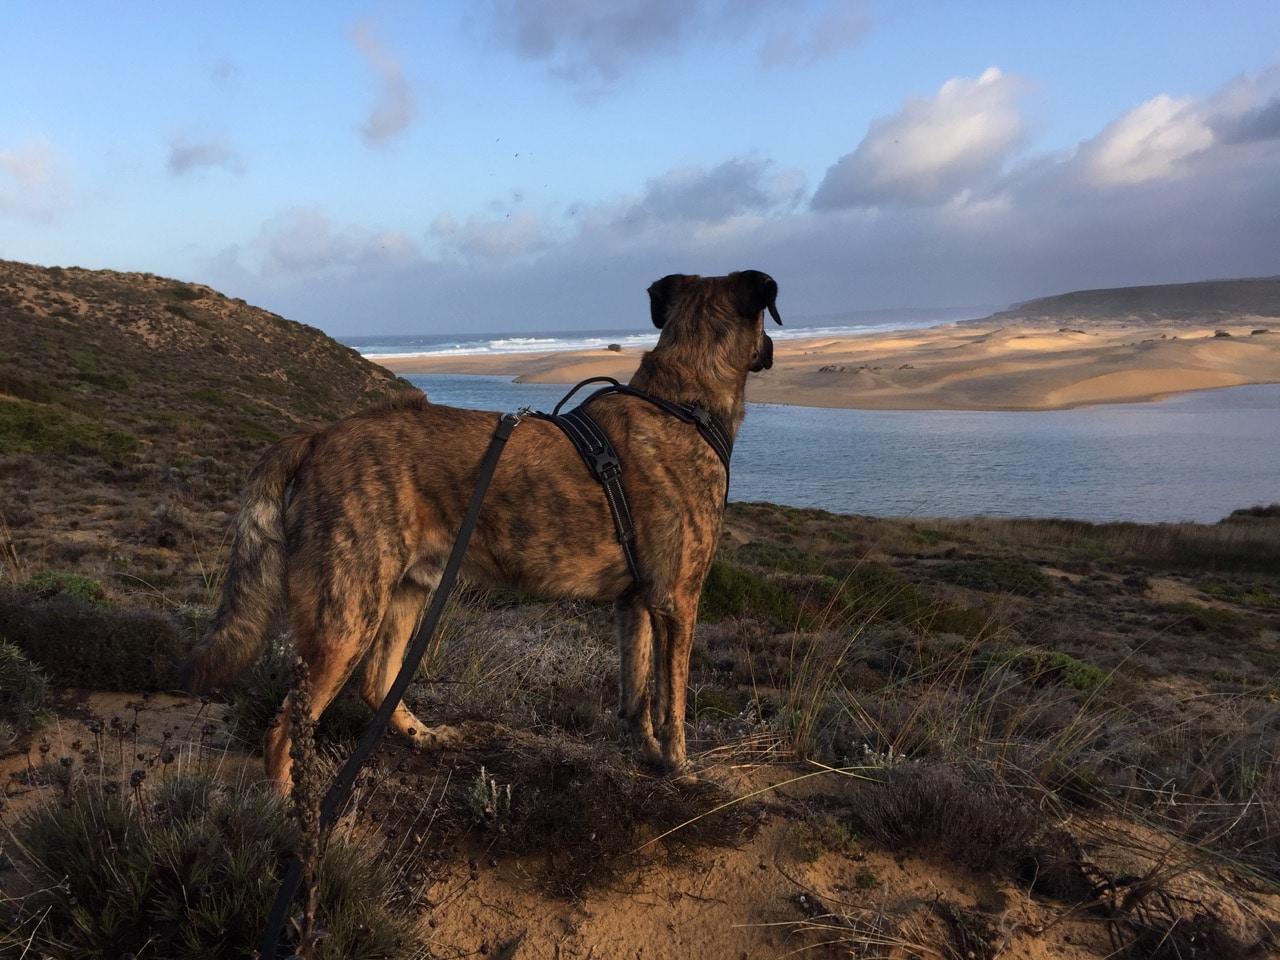 Ein Hund steht auf einem Felsen und schaut auf das Meer und den Strand.